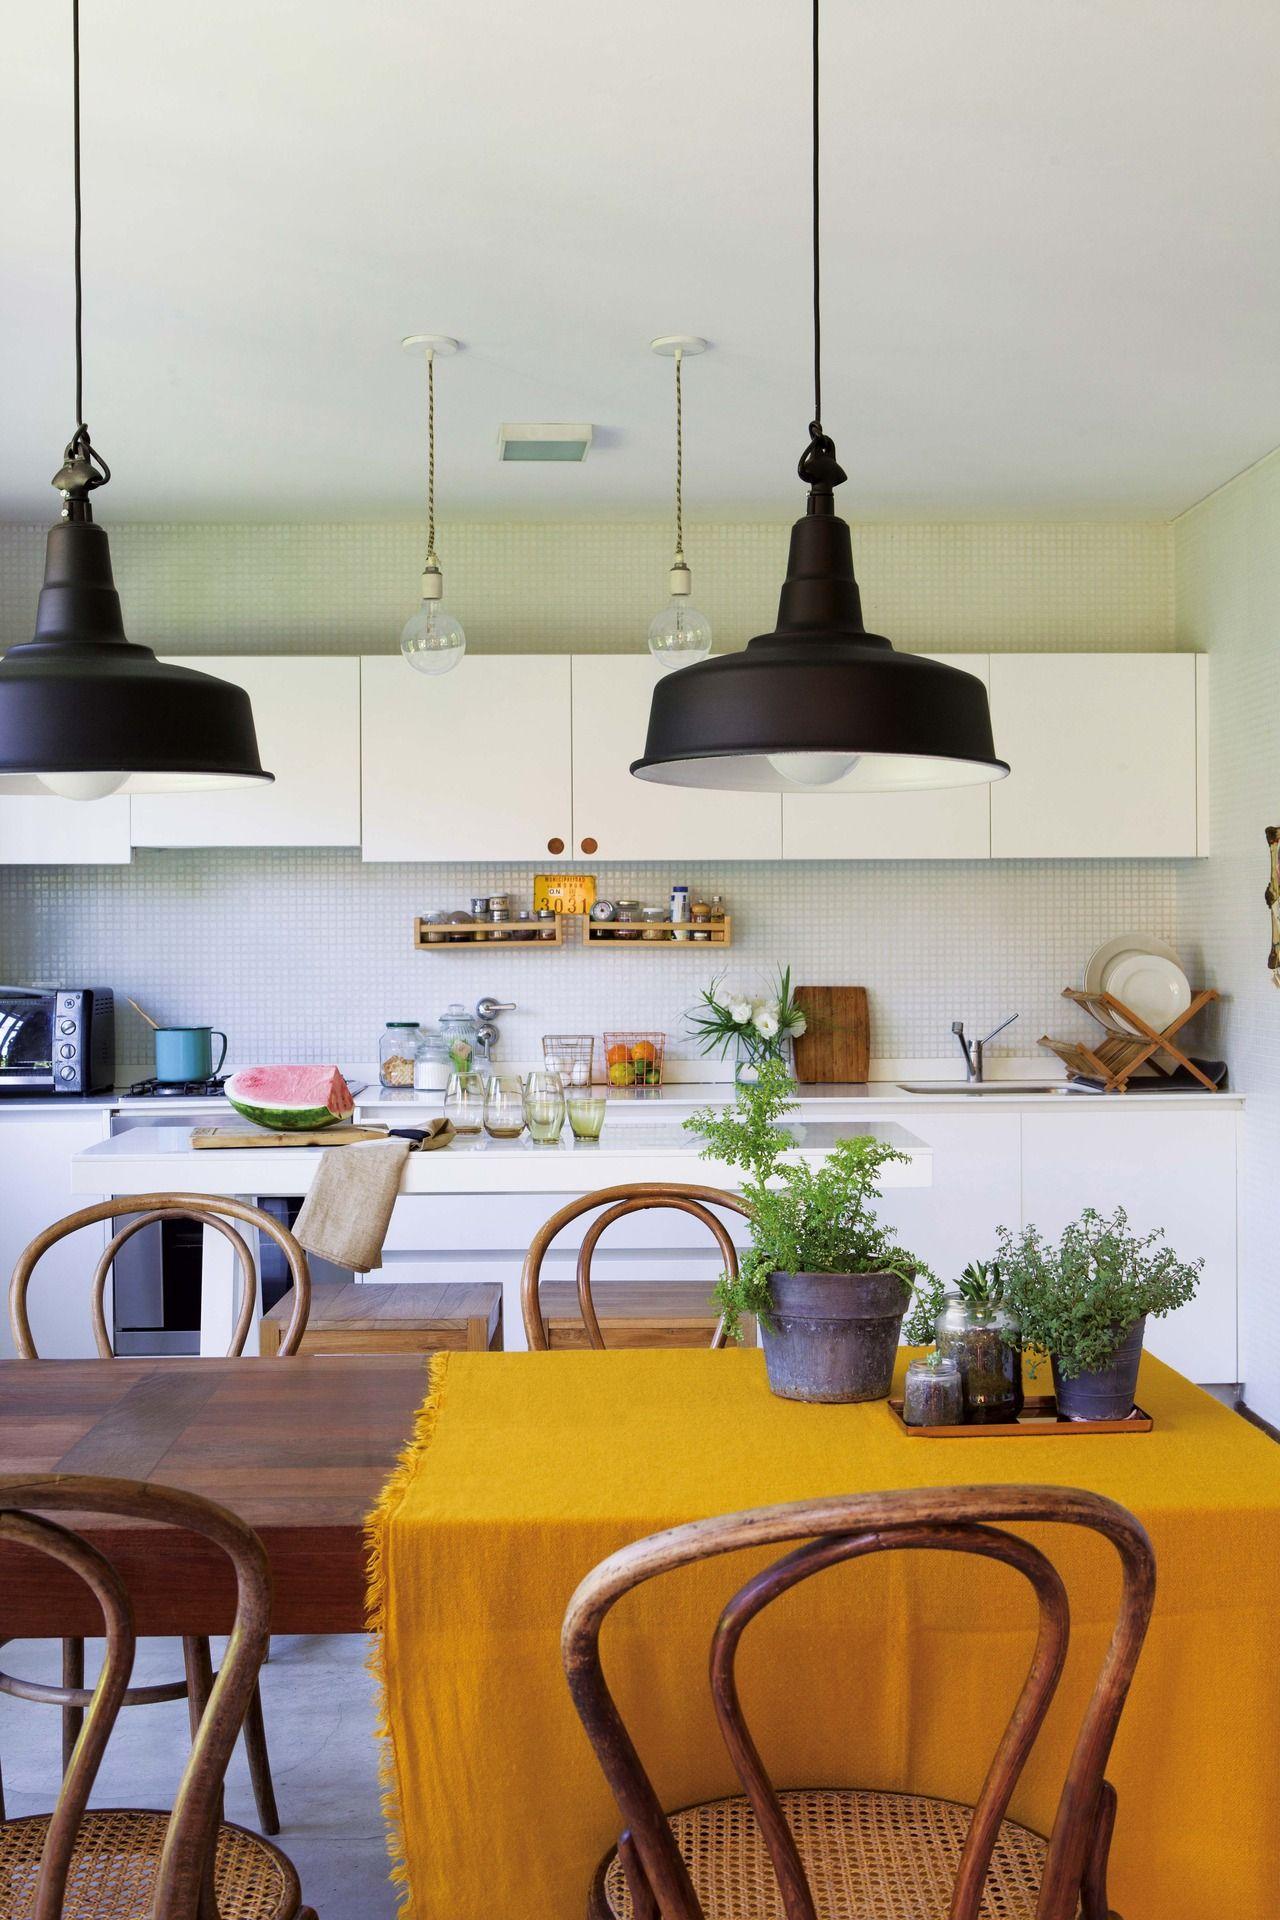 Una casa con base neutra y detalles de color | Kitchens, Decoration ...